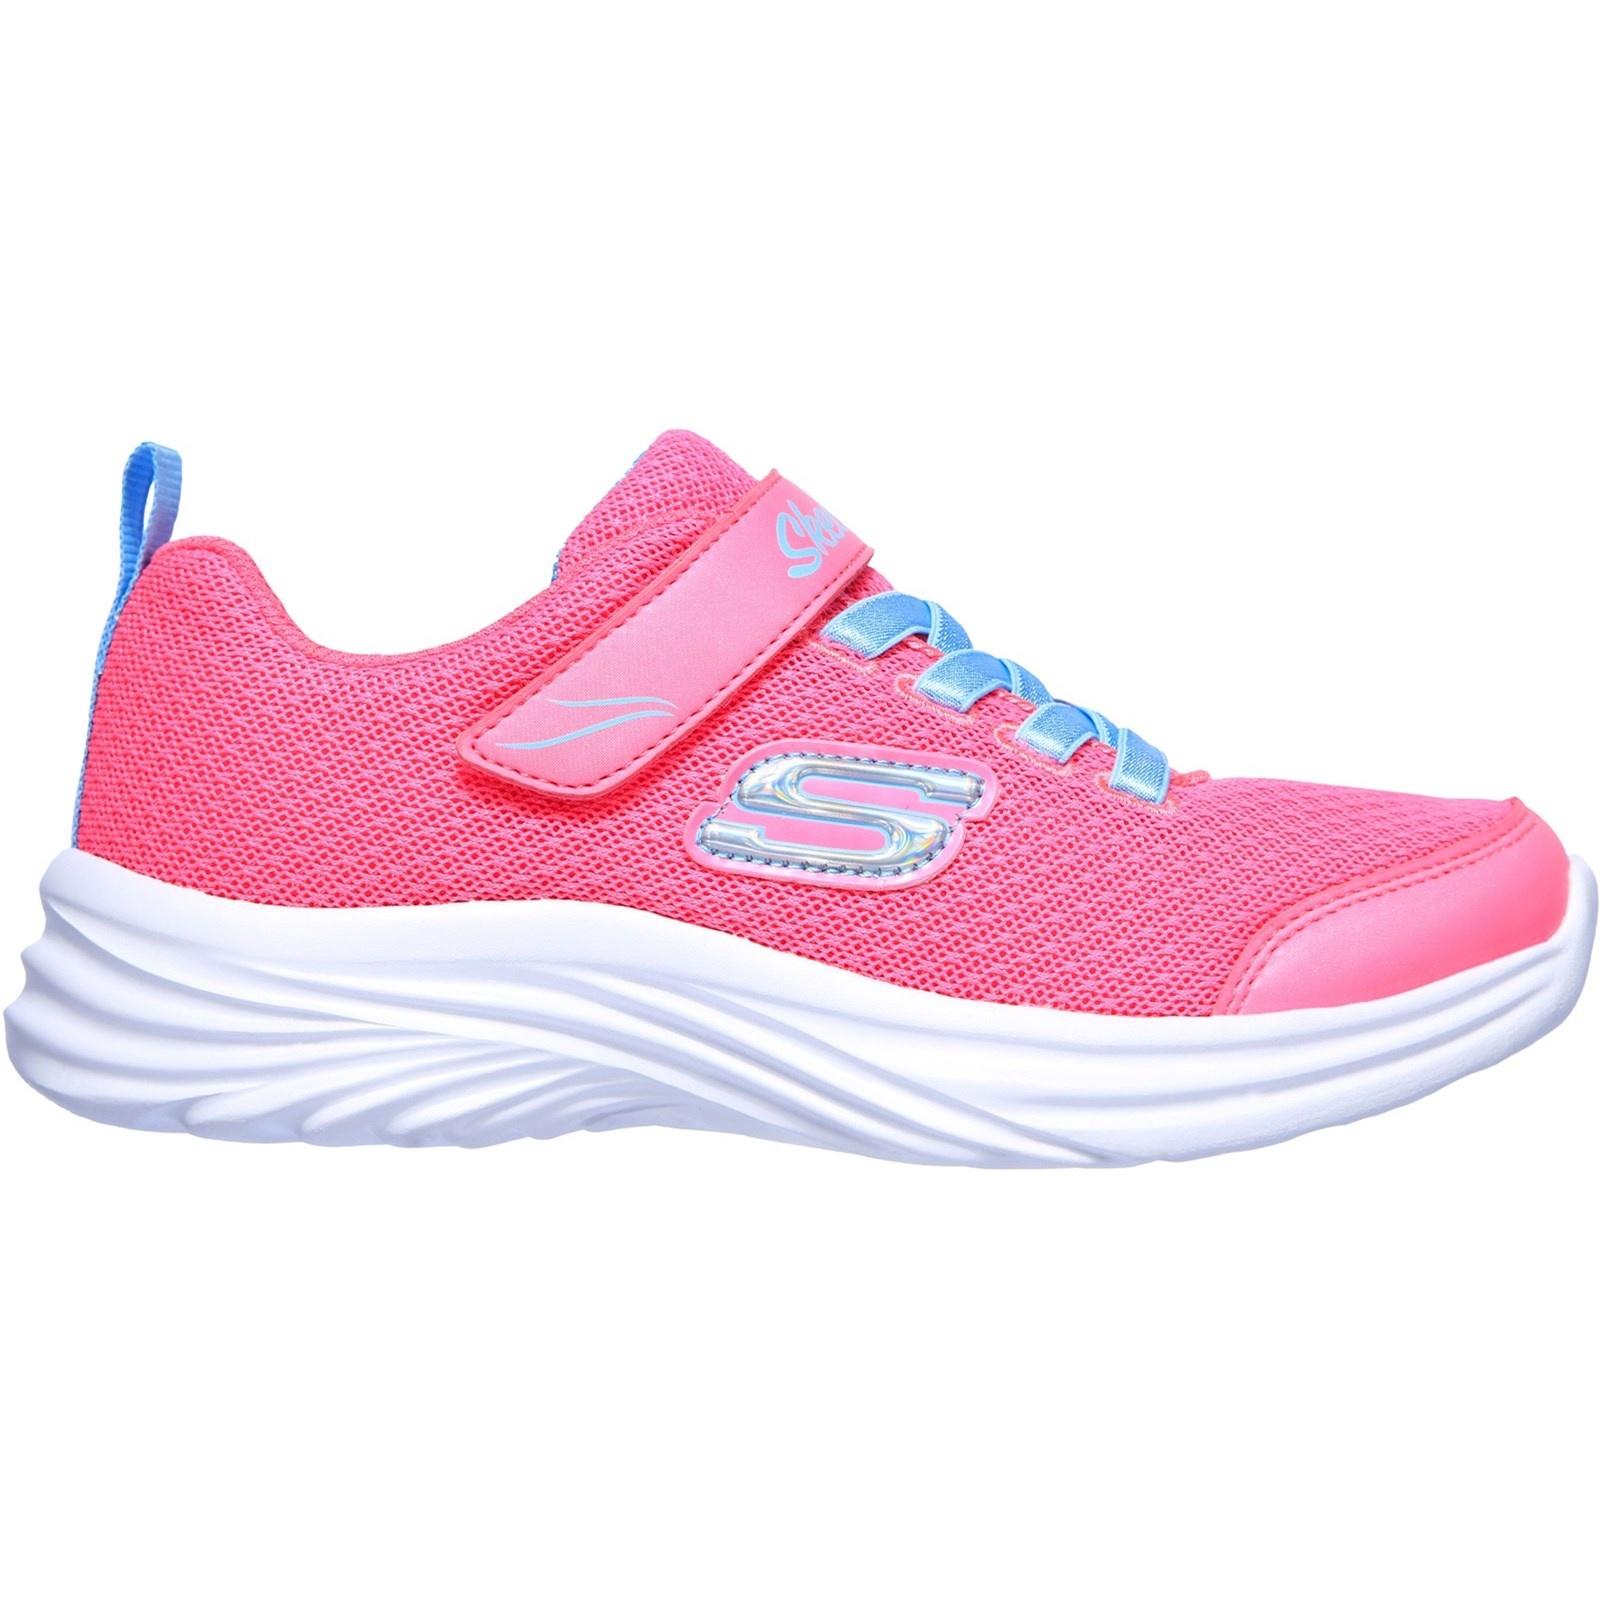 Skechers Dreamy Dancer Pink